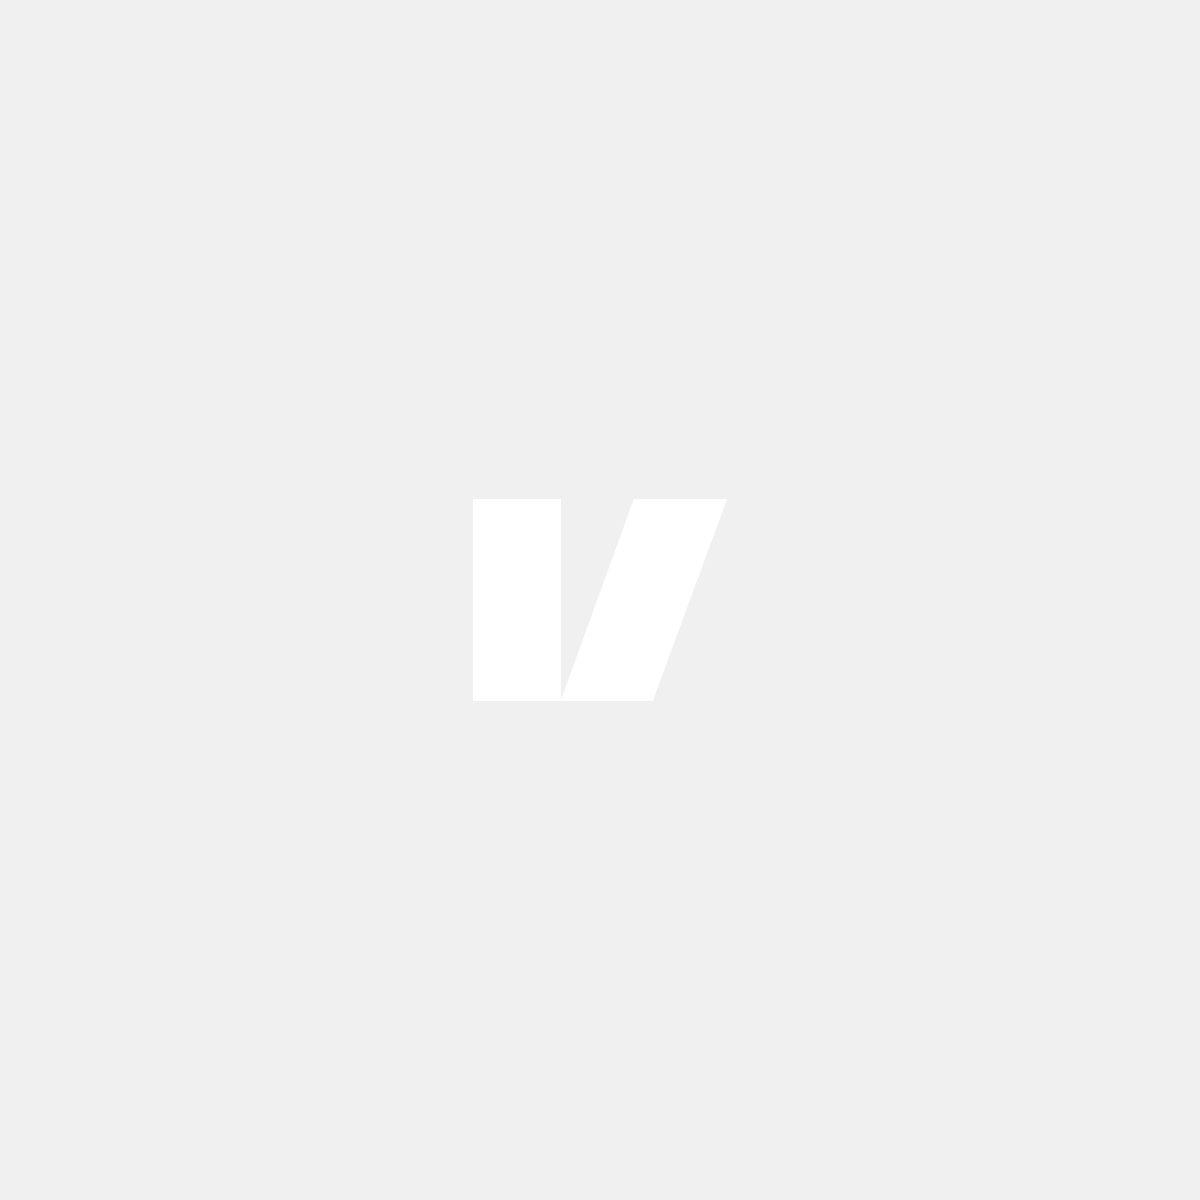 JR Sportluftfilter Volvo